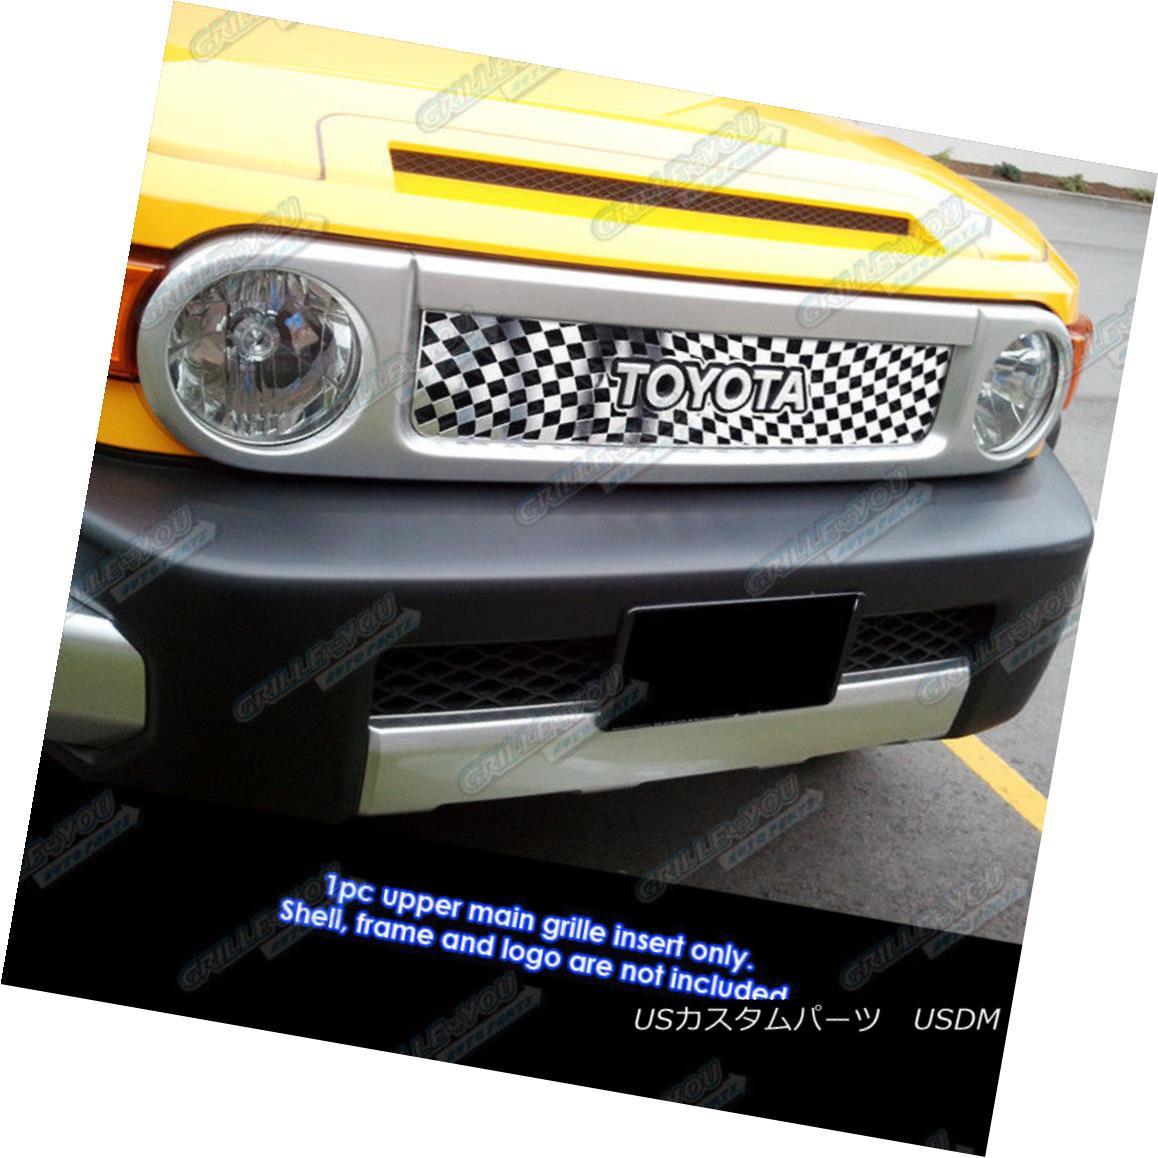 グリル For 2007-2016 Toyota FJ Cruiser Stainless Steel Symbolic Grille Insert 2007-2016トヨタFJクルーザー用ステンレススチール製シンボリックグリルインサート